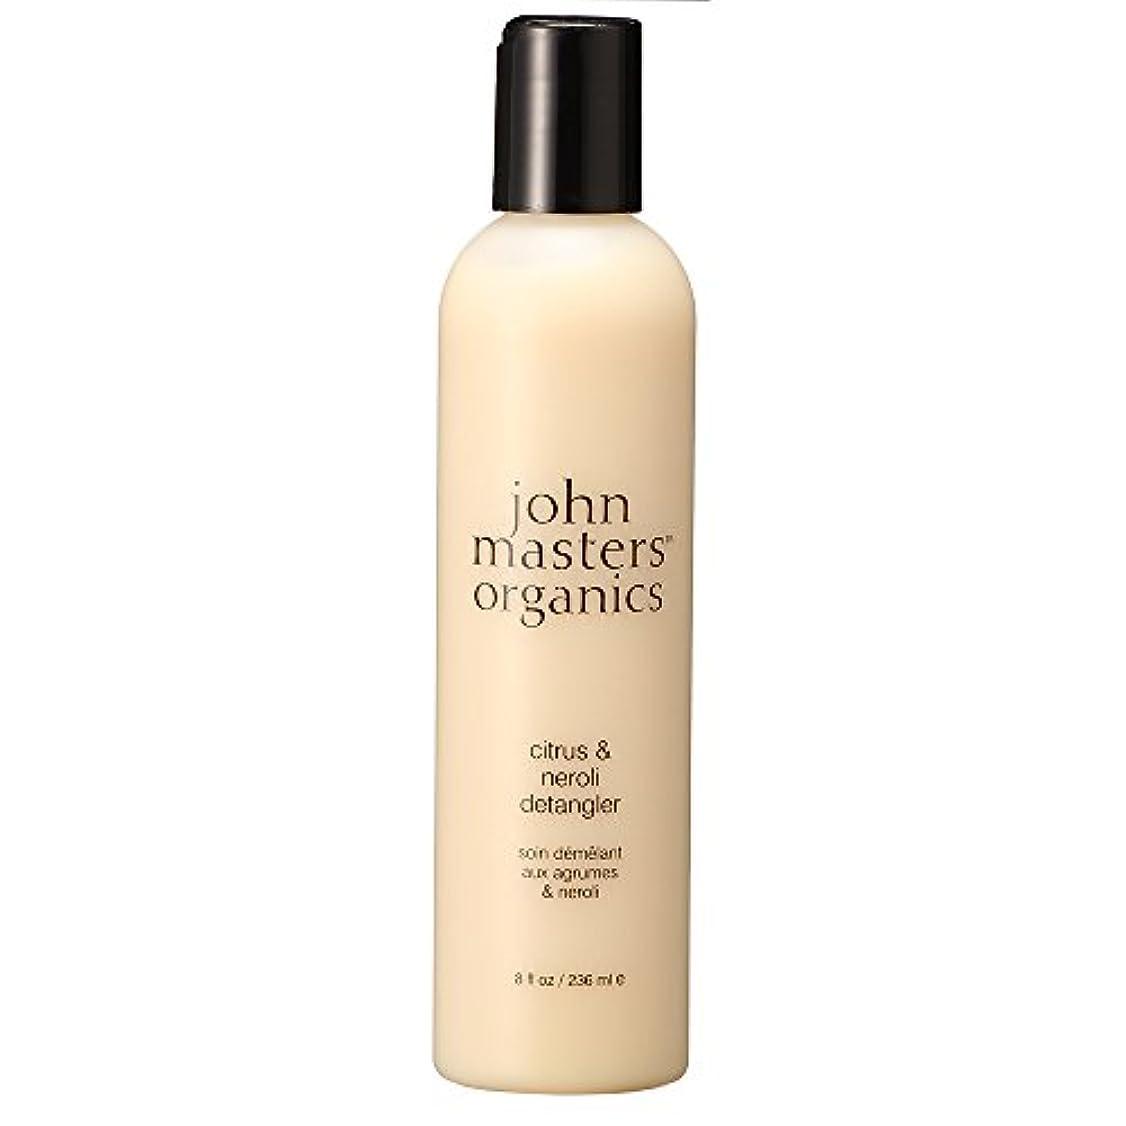 役に立つバラ色外観JohnMastersOrganics(John Masters Organics ジョンマスター)オーガニック シトラス&ネロリ デタングラー ヘアケア Hair Care CD 669558-500068 【コンディショナー】